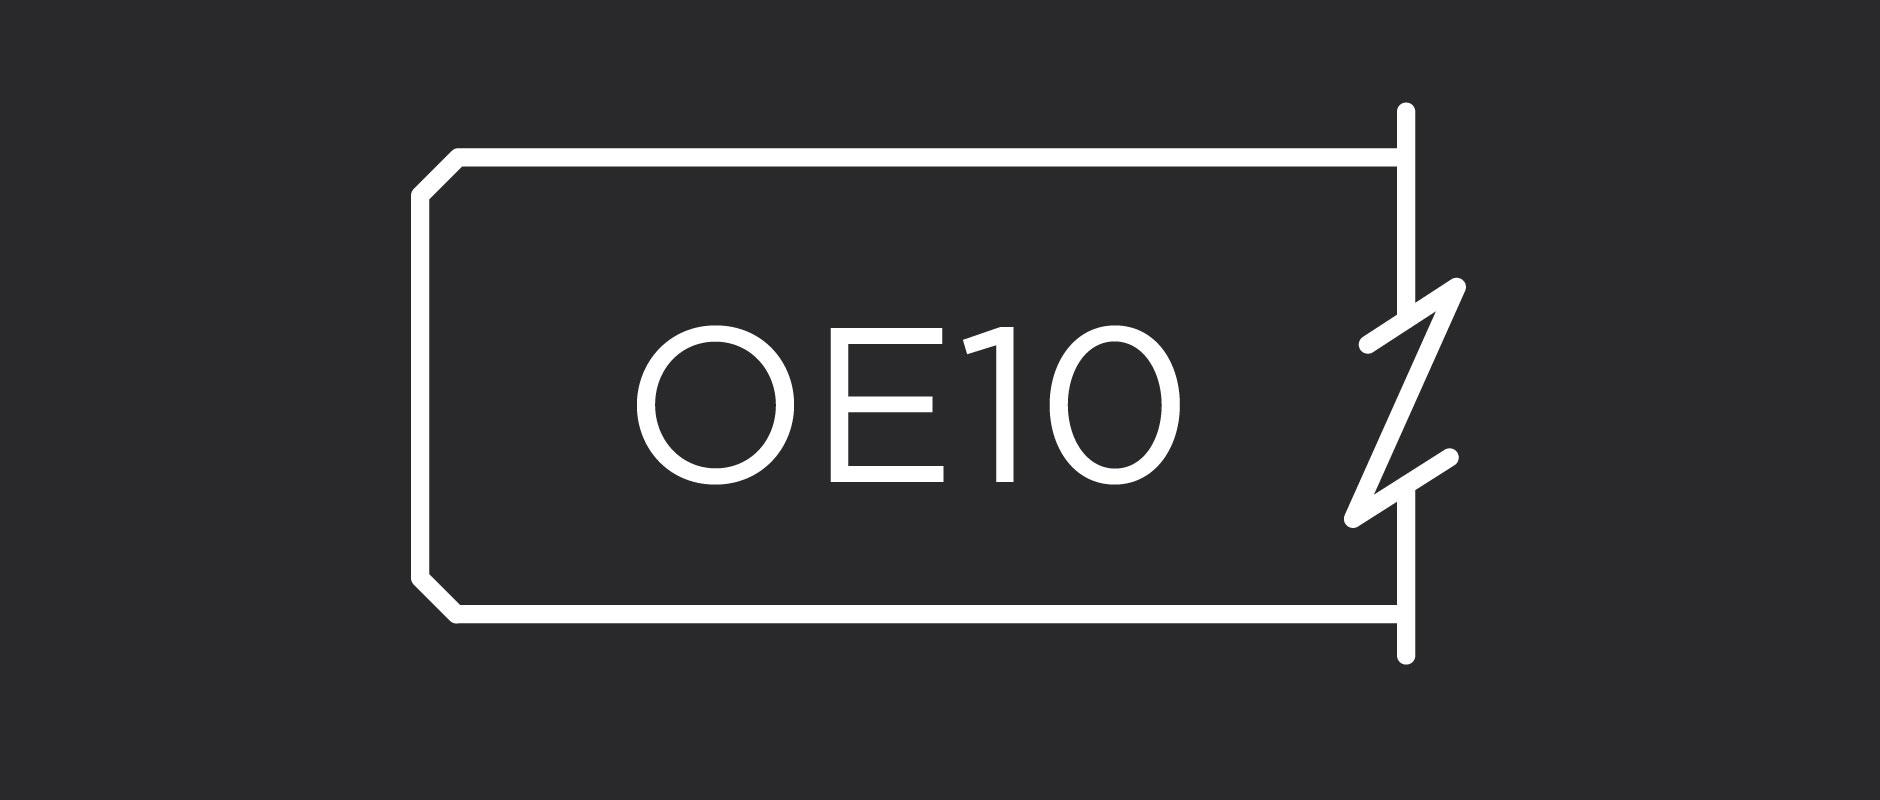 OE10 outside edge profile